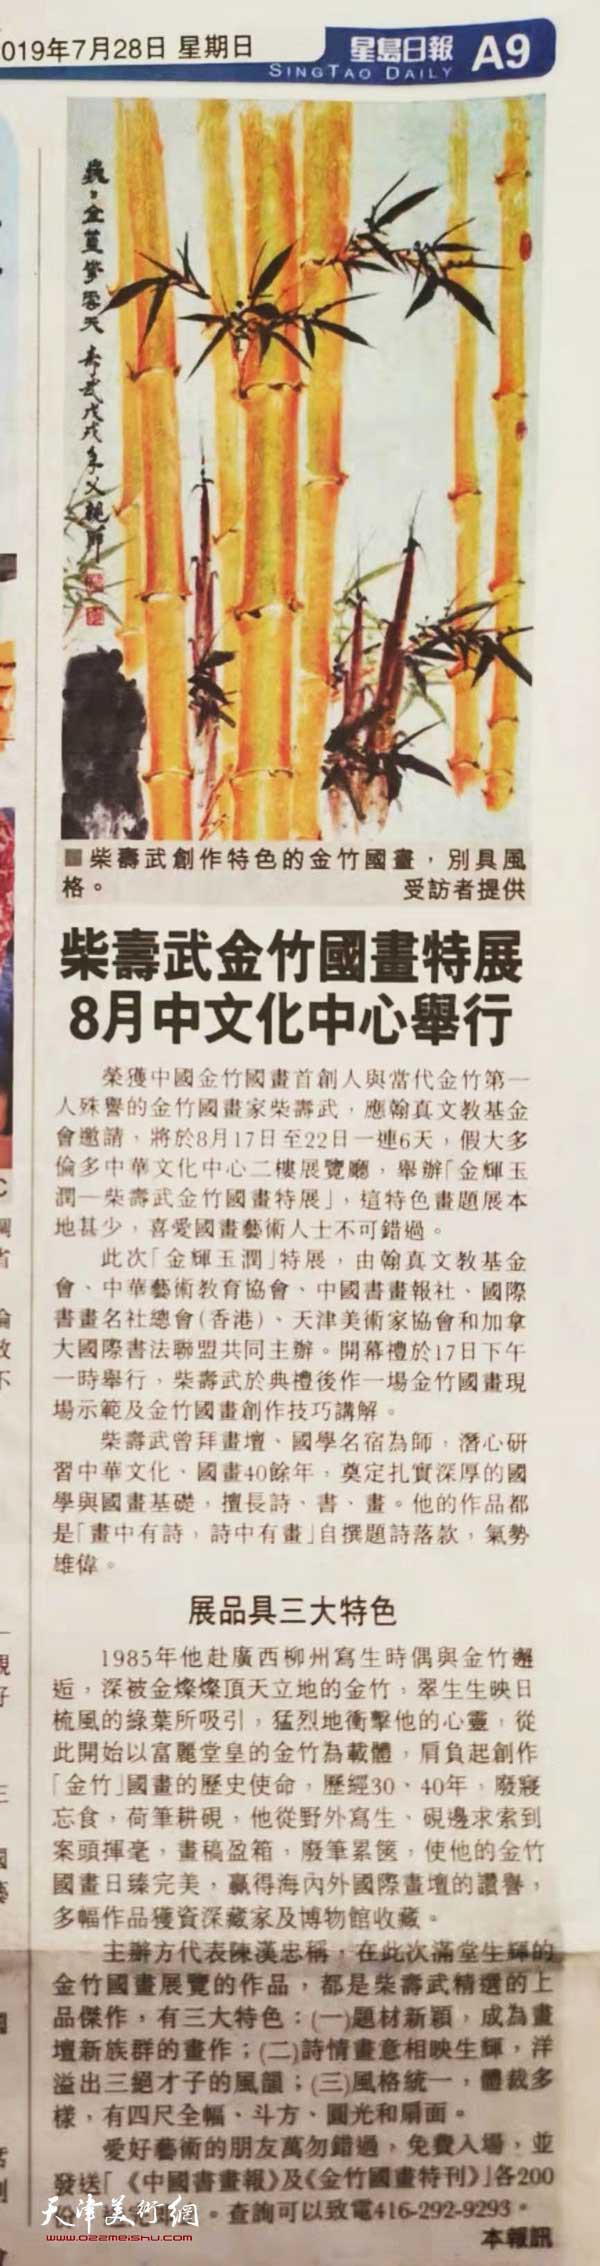 7月28日的加拿大星岛日报报道柴寿武金竹国画特展消息。